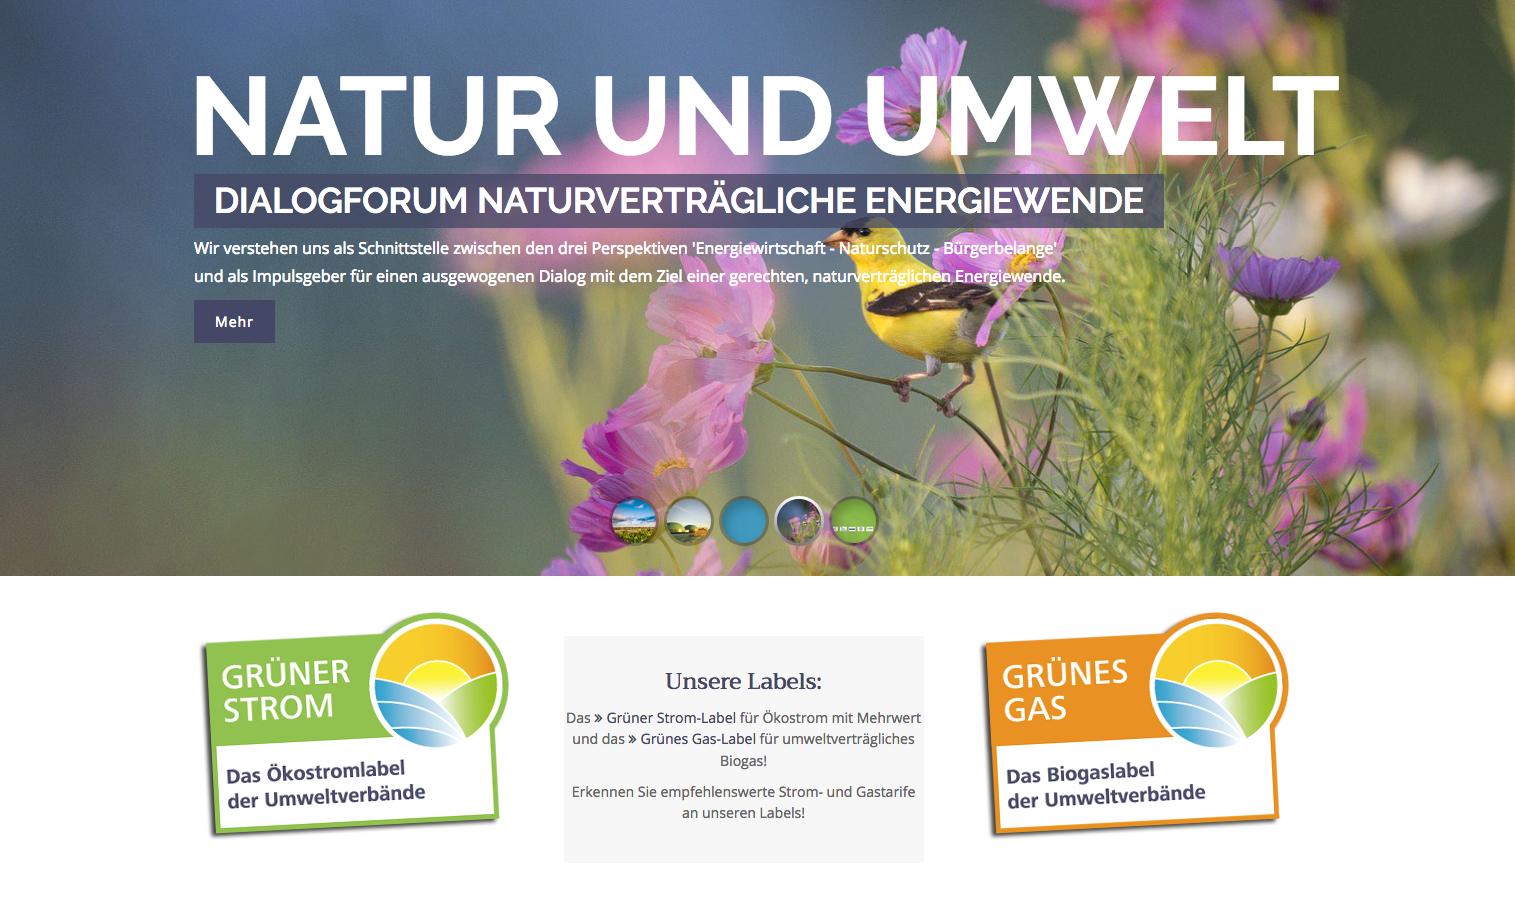 Das Grüne Strom Label ist das Siegel, das die großen Umwelterbände entwickelt haben. Es garantiert, dass der gekaufte Ökostrom tatsächlich aus erneuerbaren Energien stammt. Foto: Screenshot www.gruenerstromlabel.de